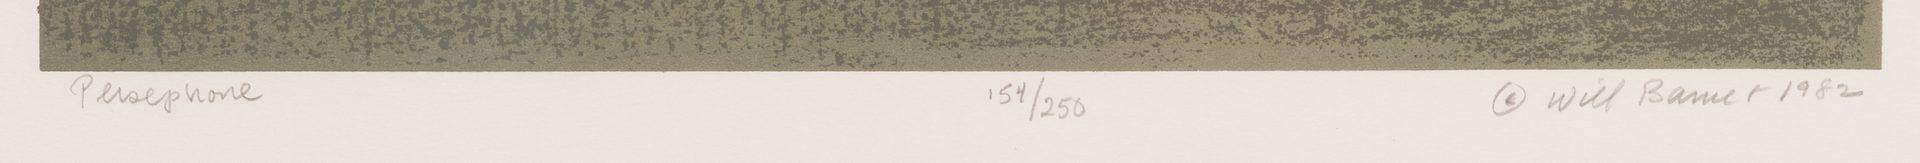 Lot 465: Will Barnet Screenprint, Persephone